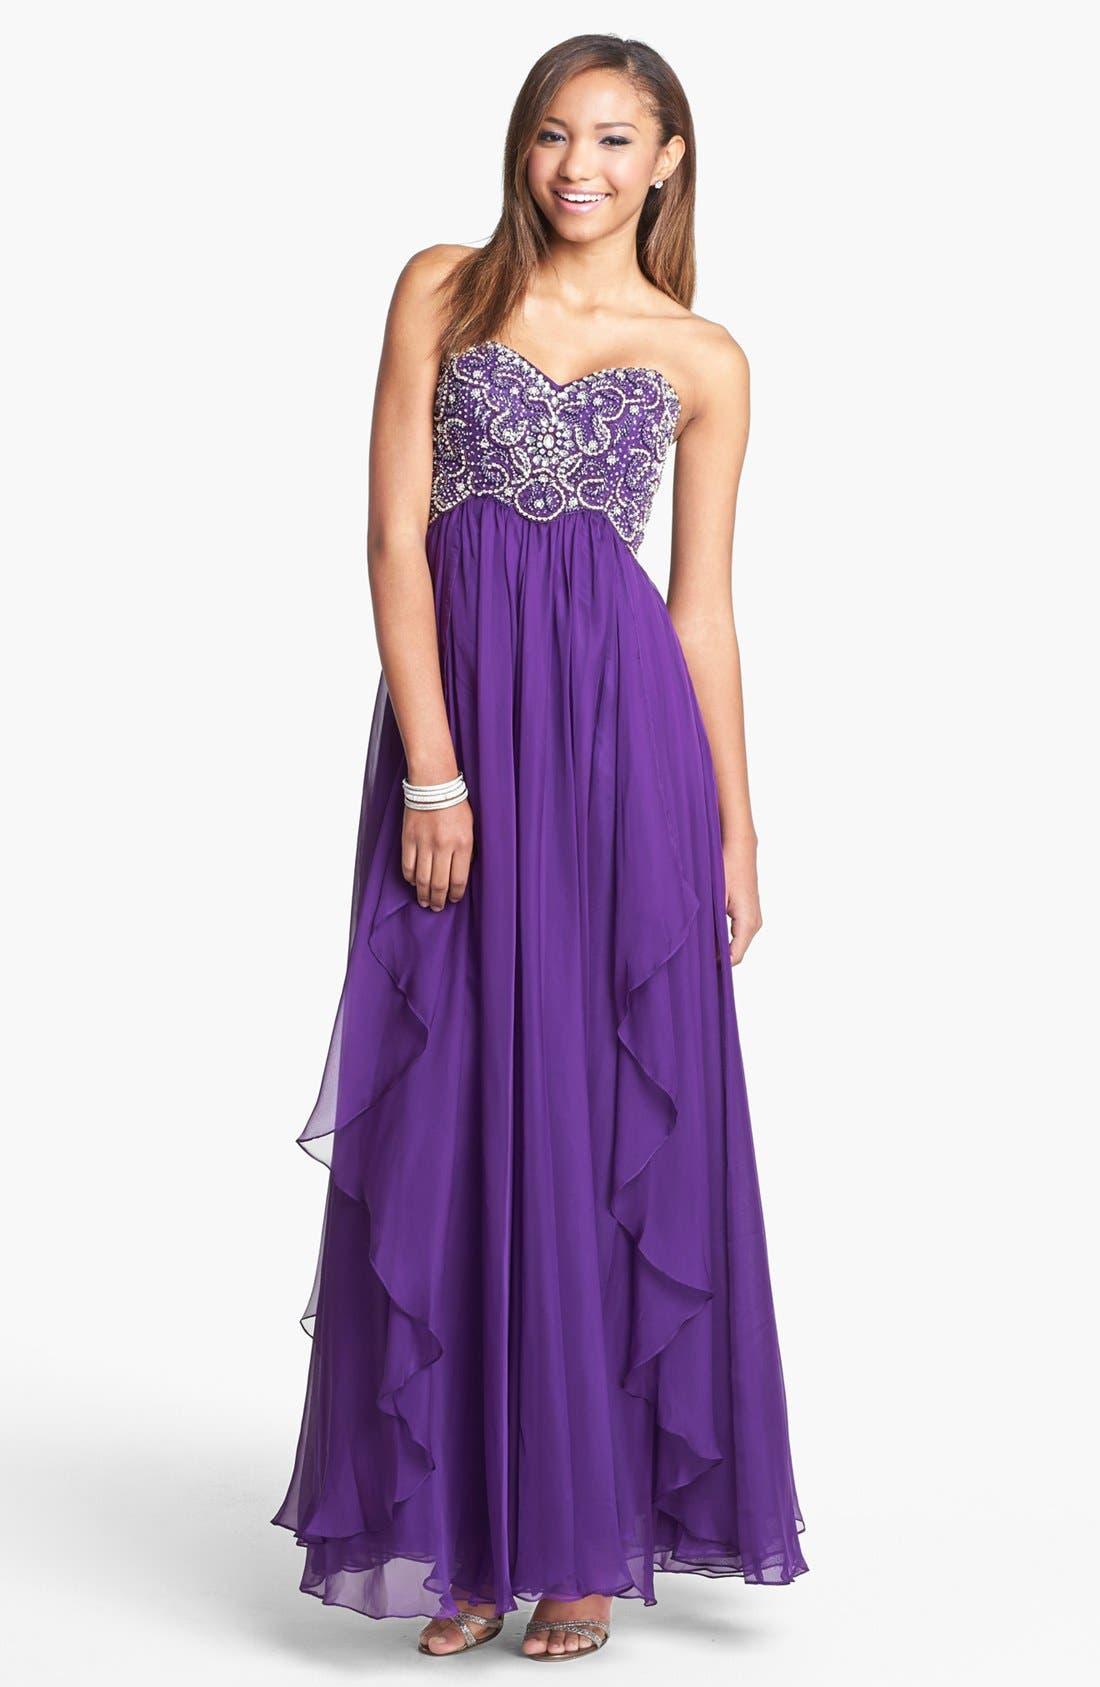 Main Image - Sherri Hill Embellished Bodice Draped Chiffon Gown